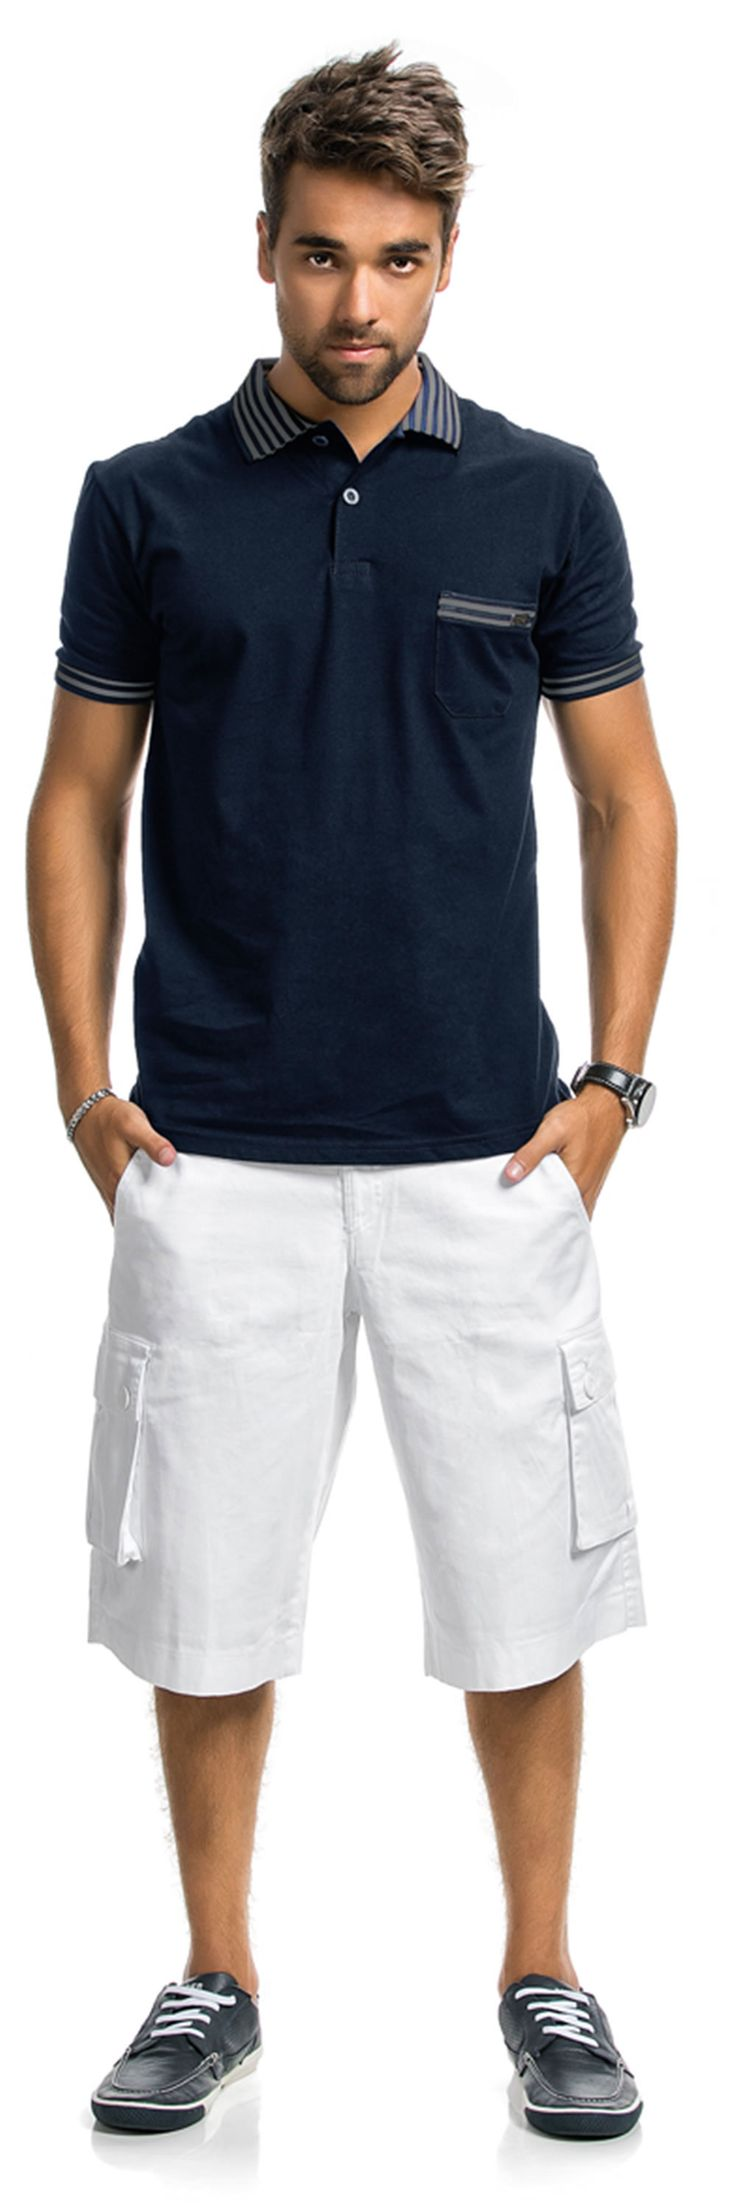 Camisa Polo Comfort Lisa de Botão com Gola Listrada e Bolso Marinho Resort $69.90 - LunenderStore.com